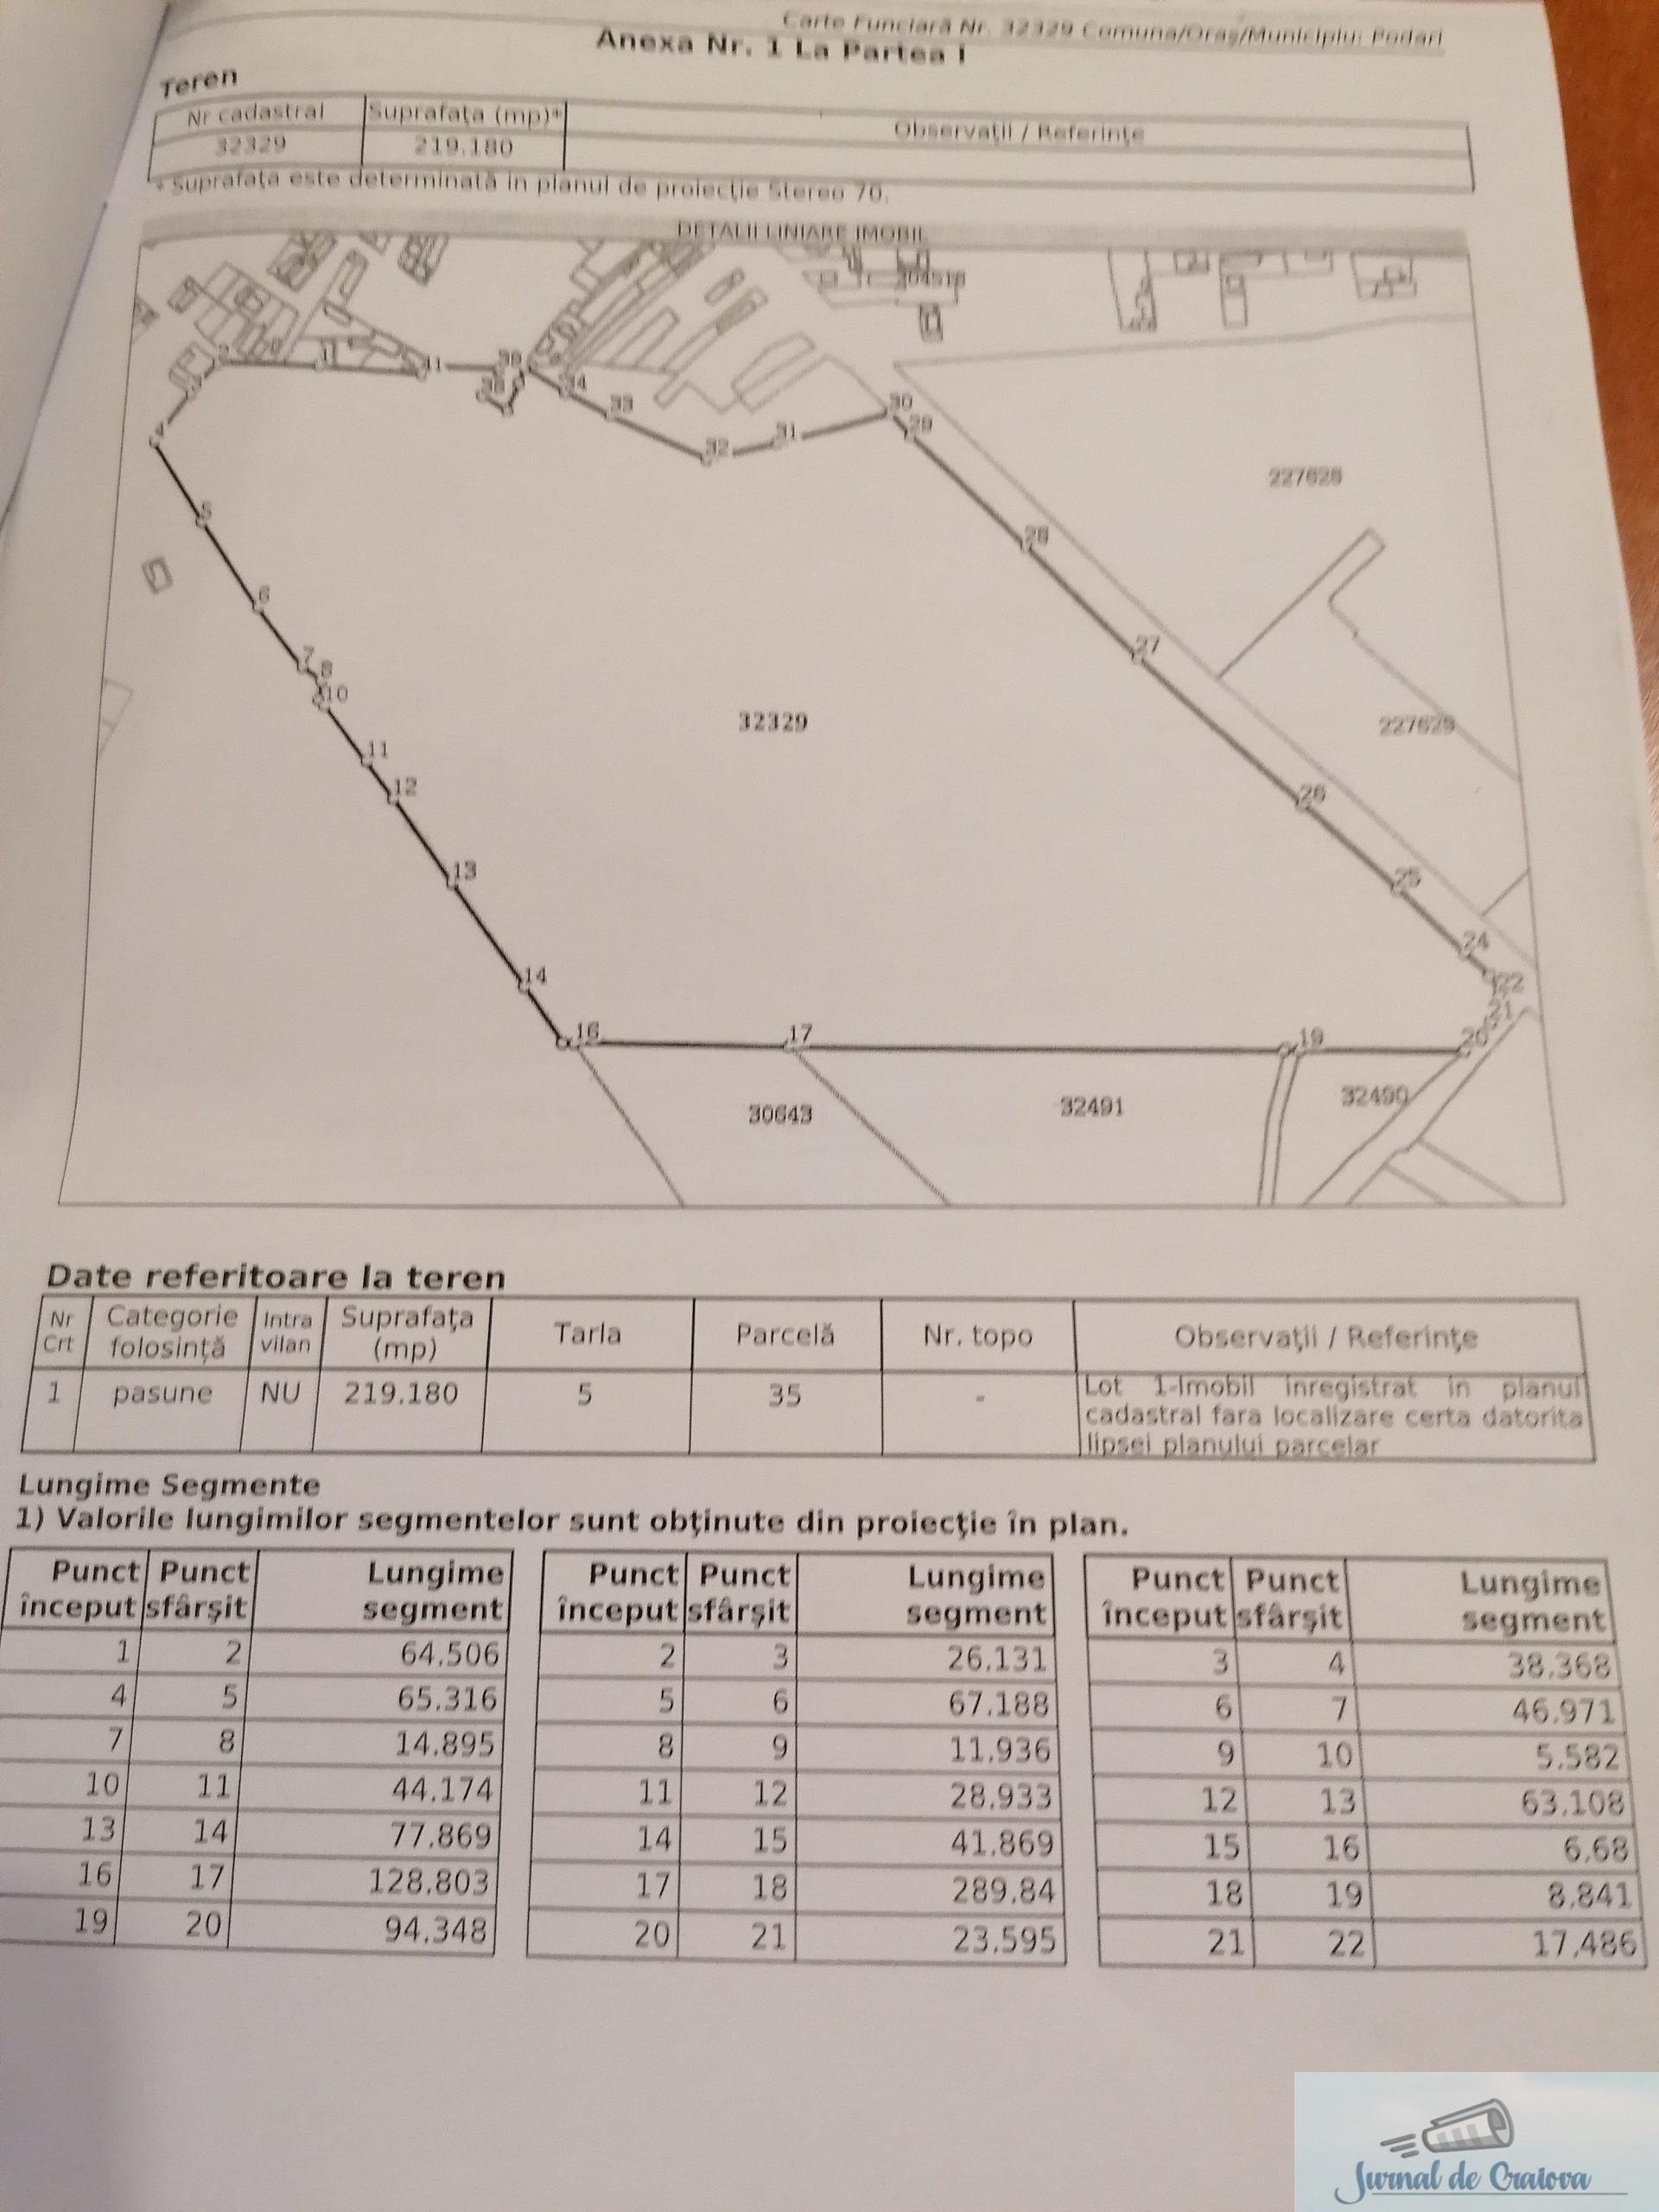 #BarondeDolj : Cum a reusit familia Gheorghita sa puna mana pe cele 24 de hectare cedate de MAPN in Podari .. 18